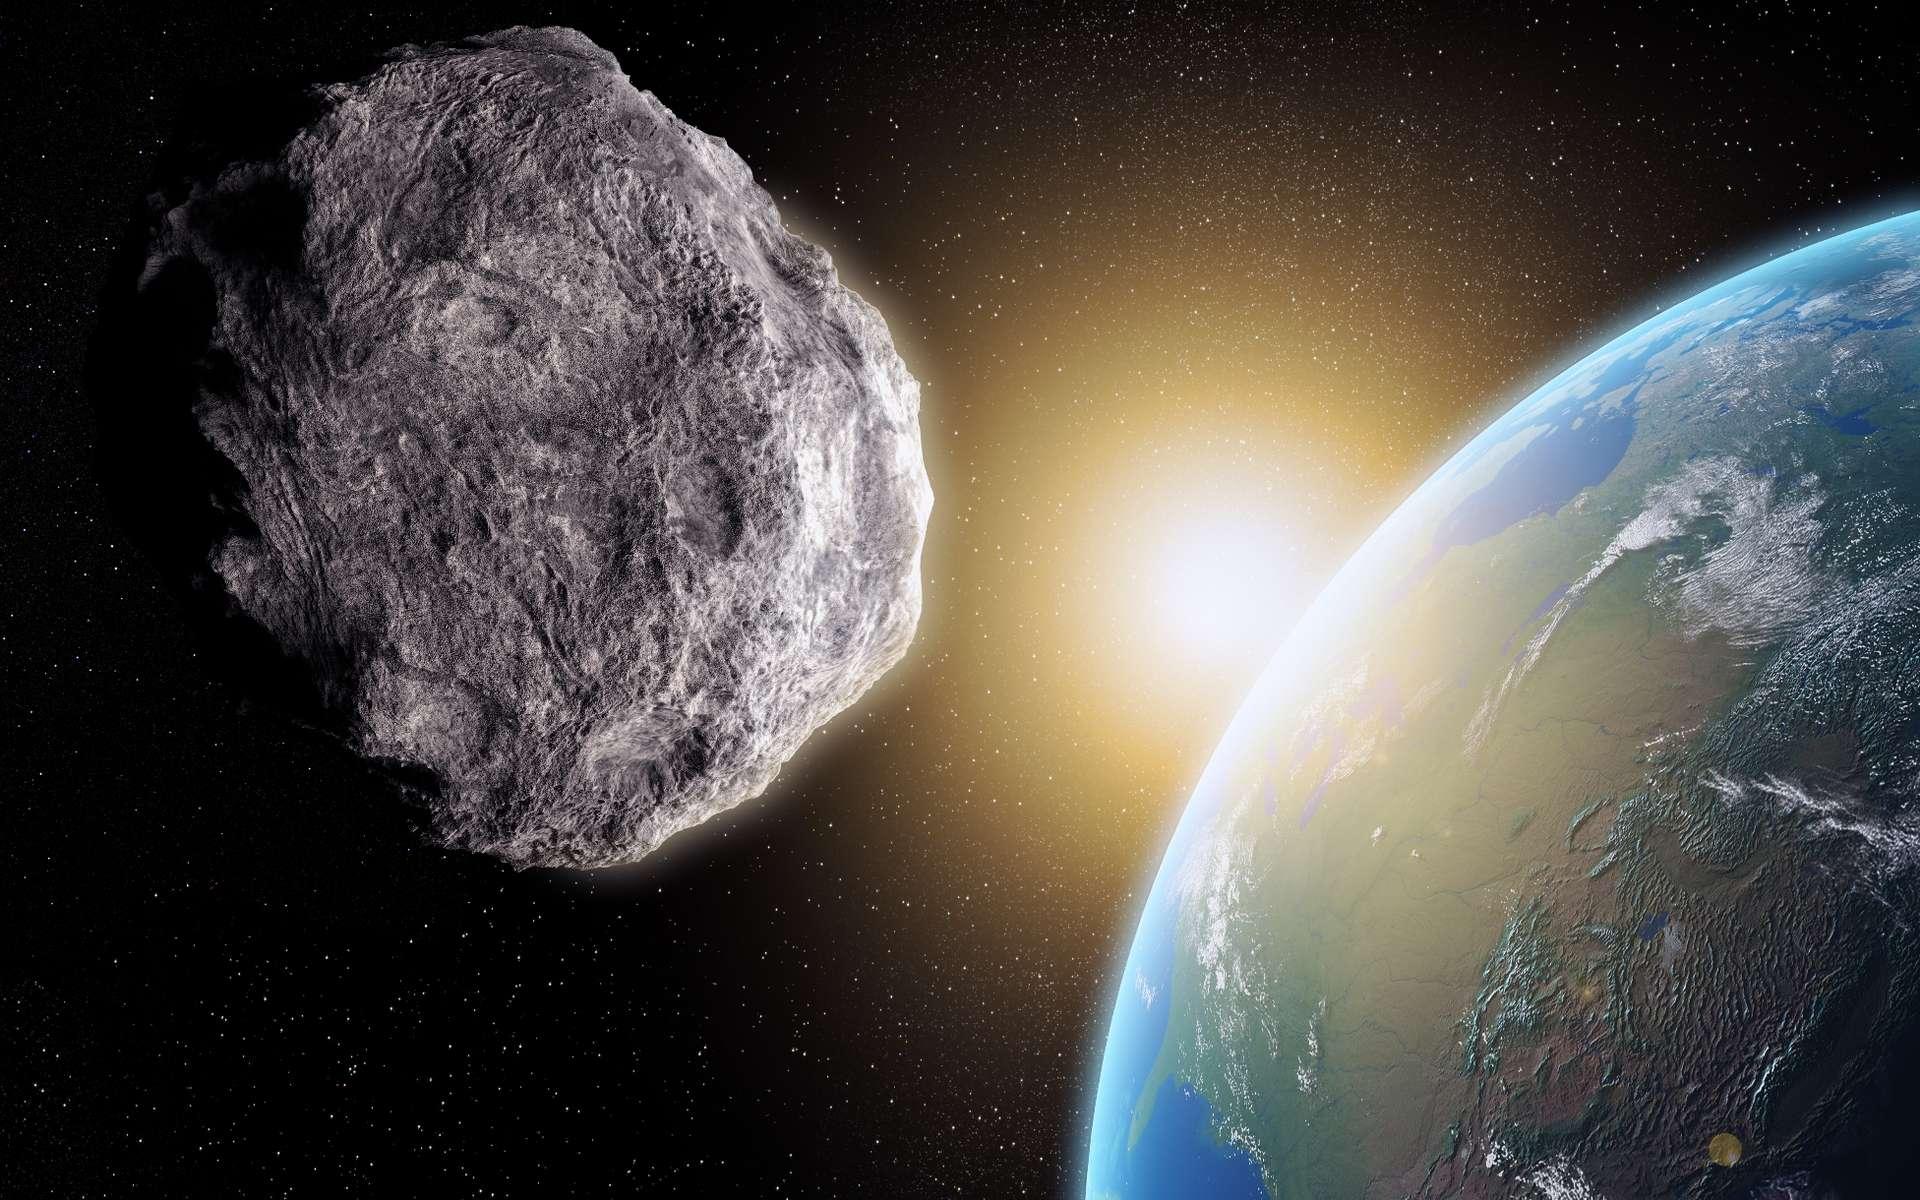 Illustration d'une météorite se dirigeant vers la Terre. © shutterstock Mopic